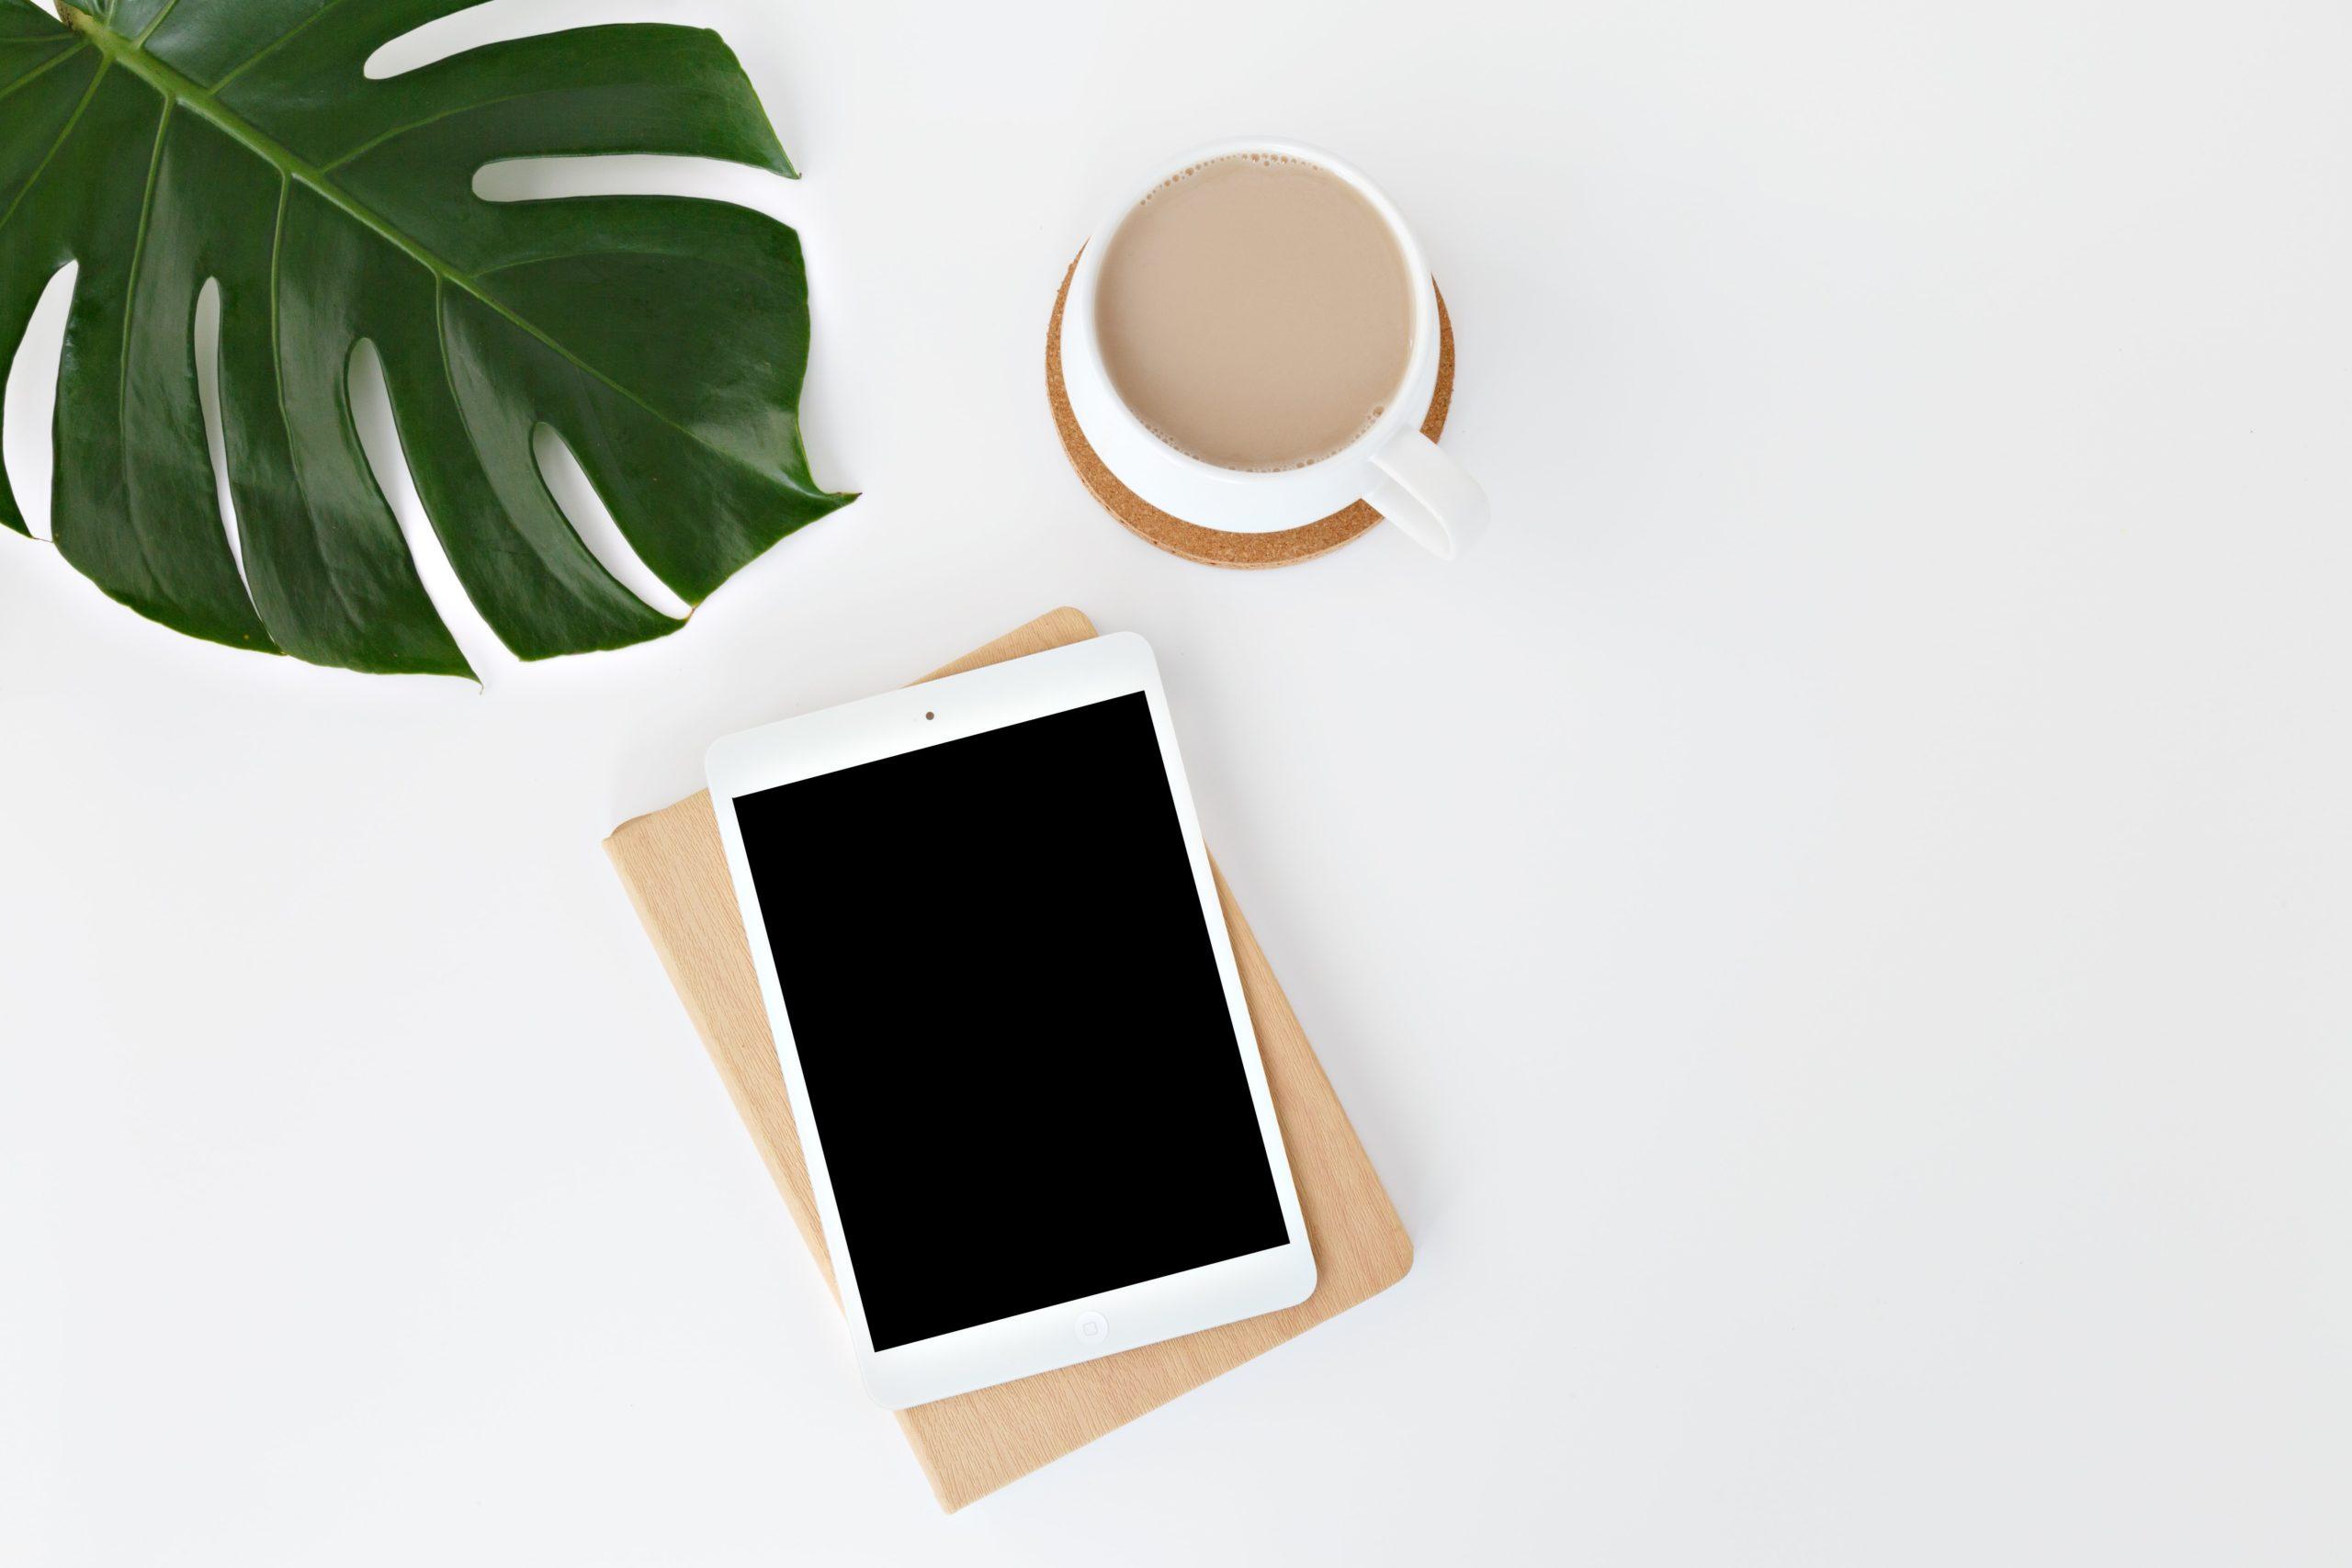 画面中央にiPadとコーヒーが置いてある画像